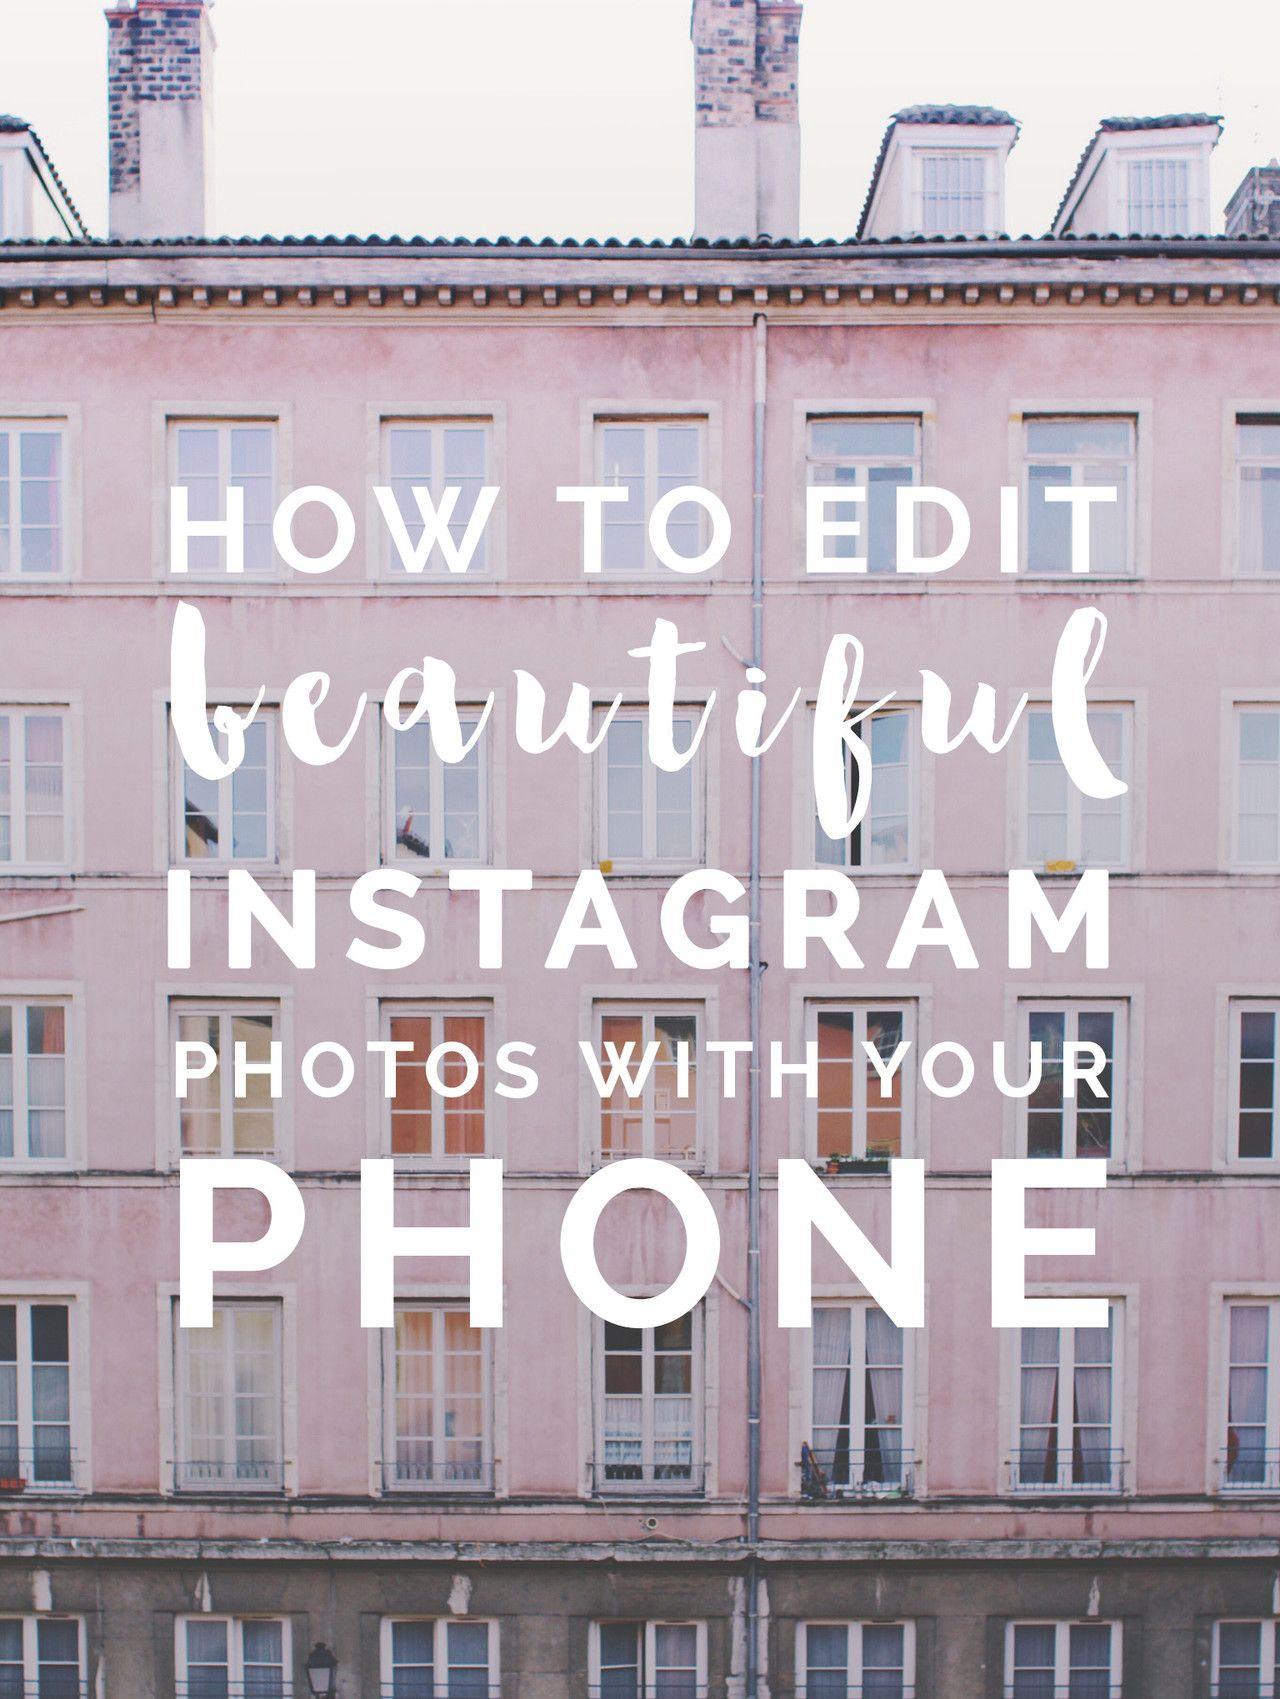 Как редактировать красивые фотографии в Instagram с помощью телефона |  Падение для DIY